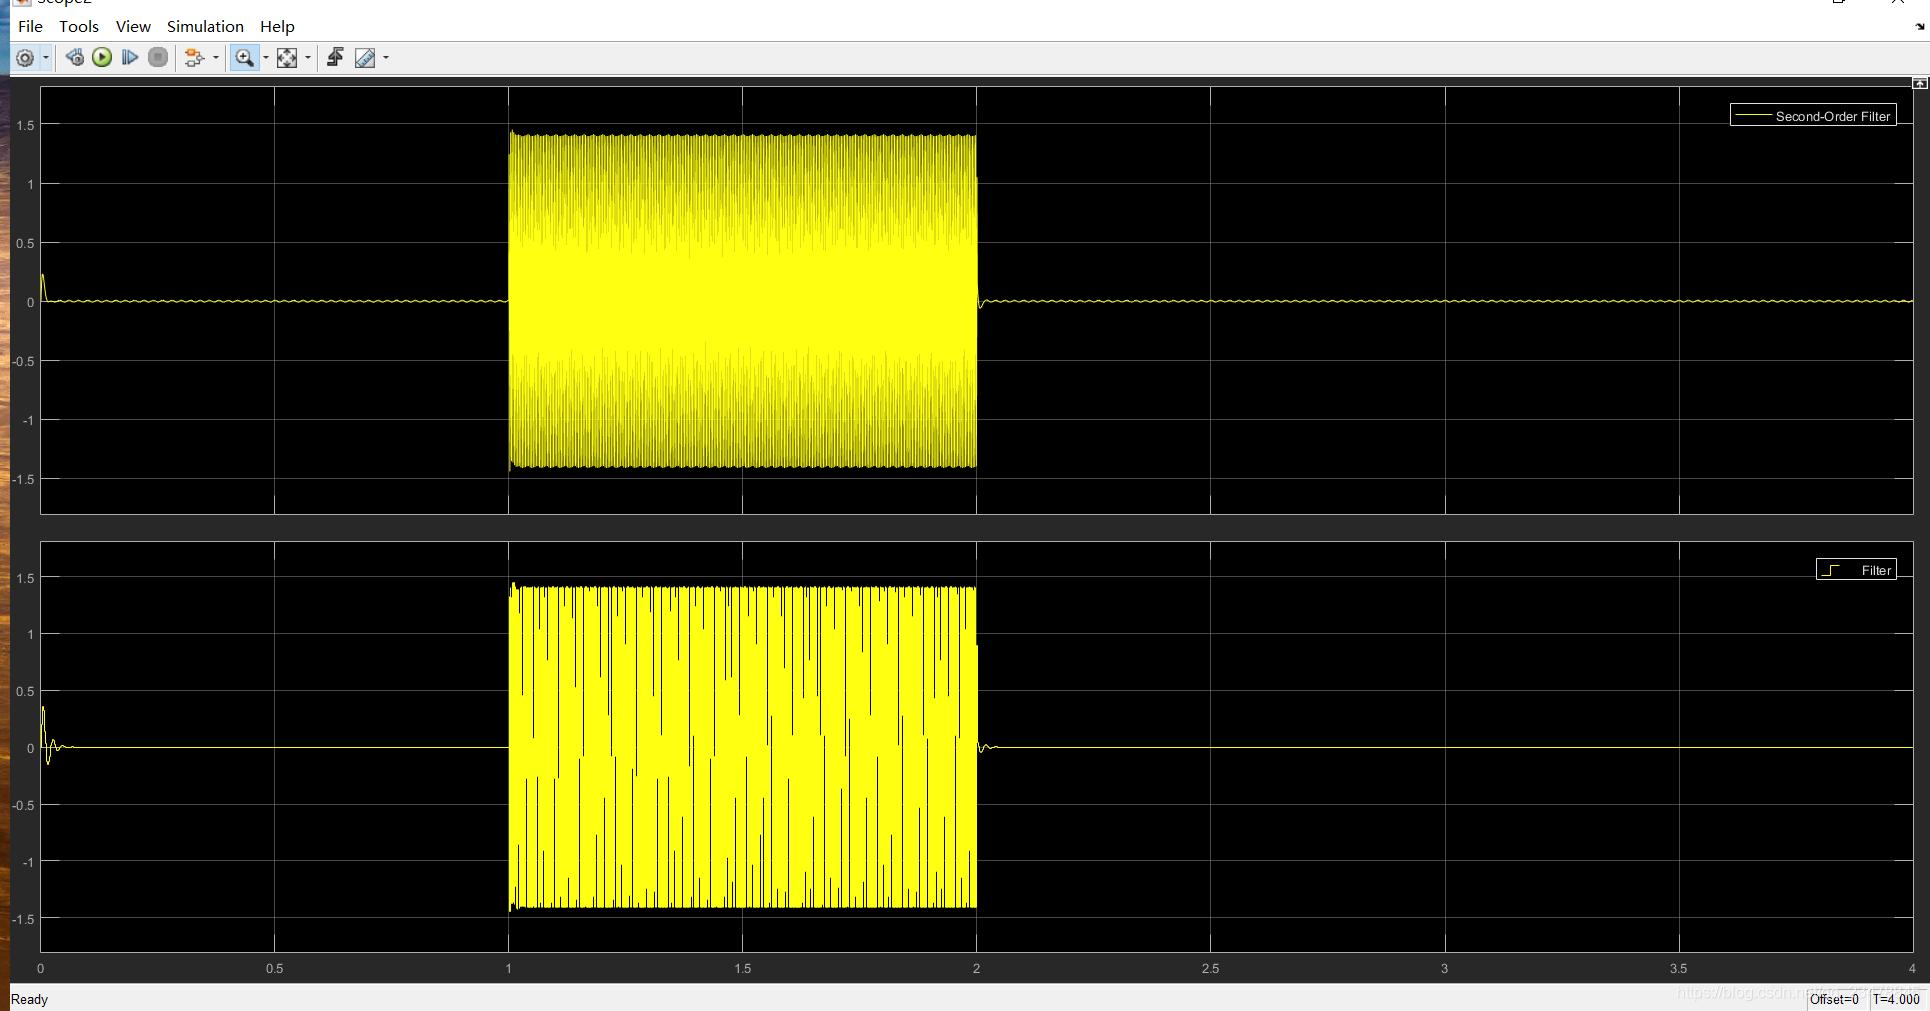 两个滤波器滤波后波形